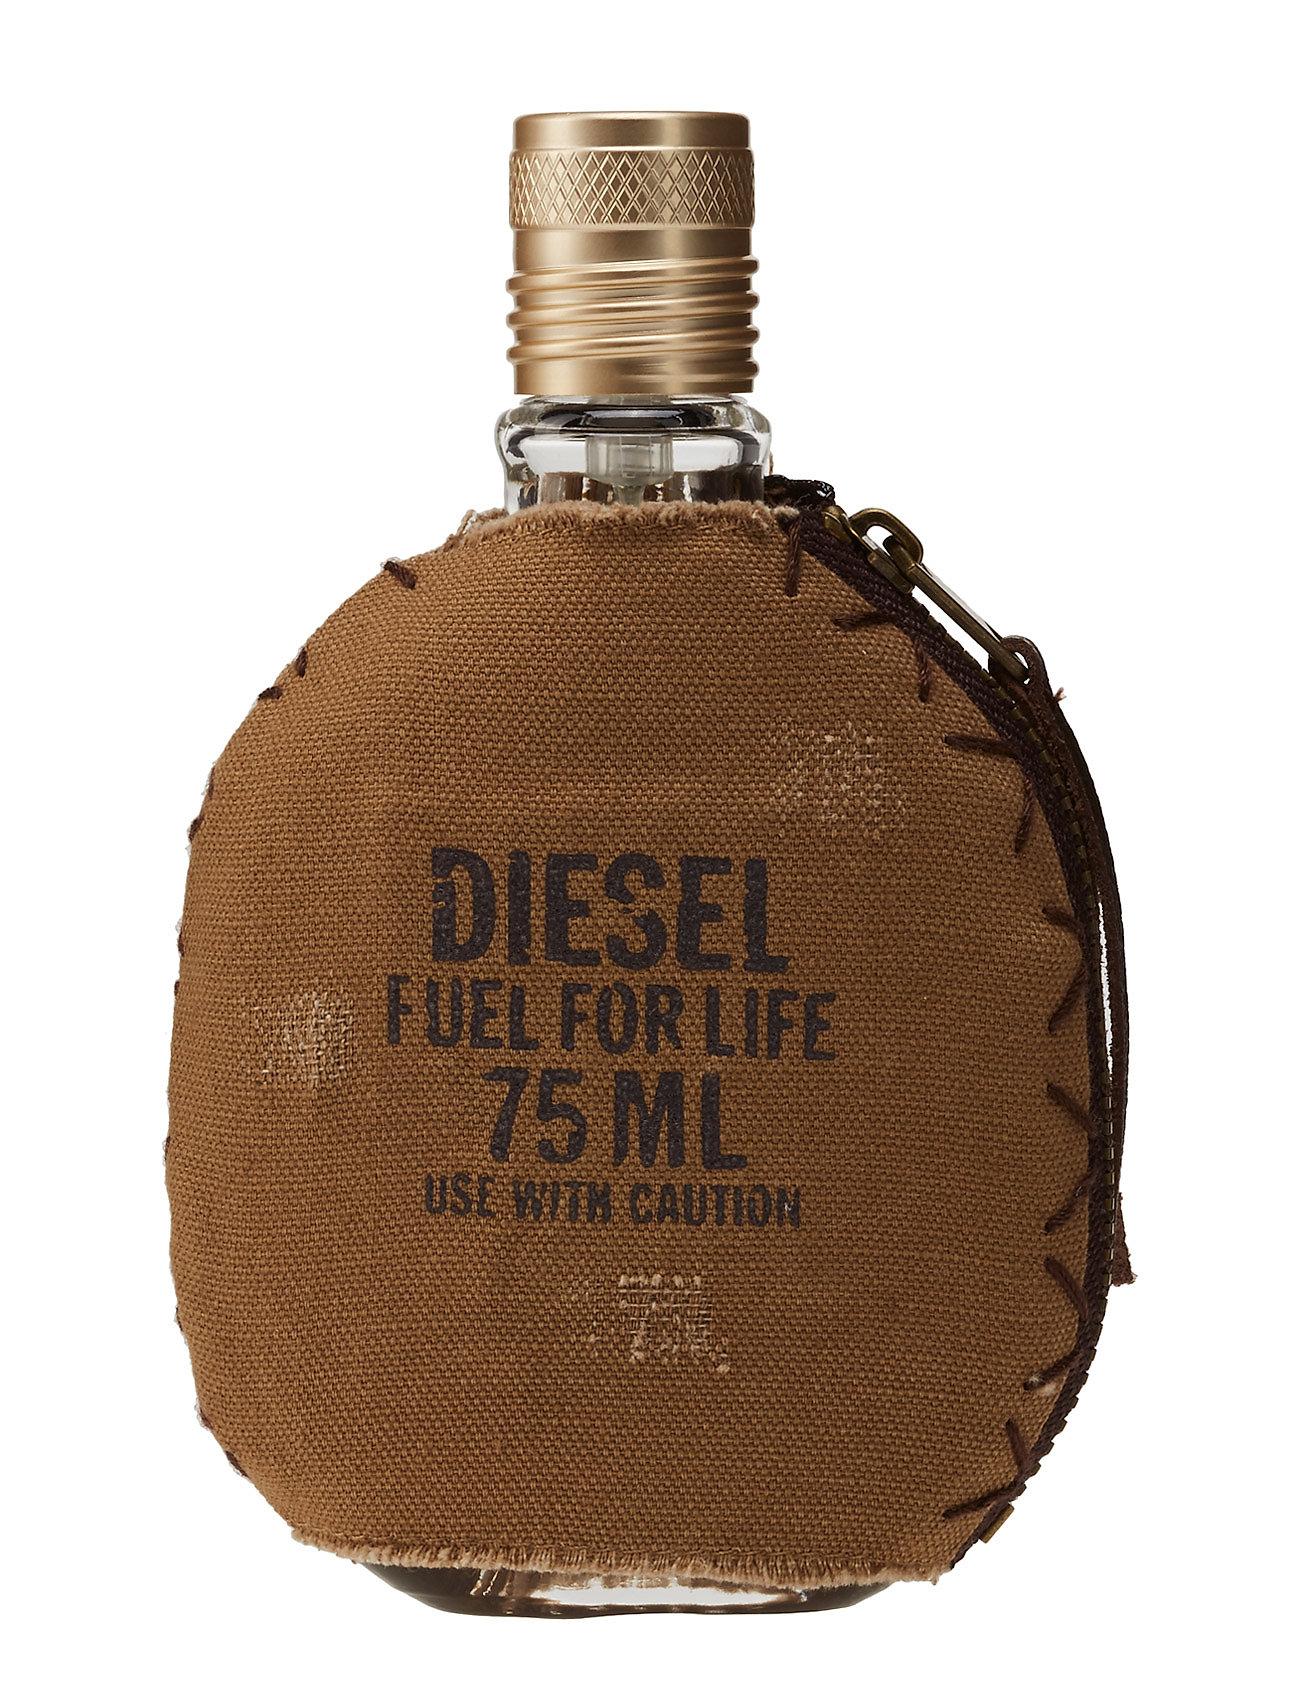 Fuel for life he eau de toilette 75 ml fra diesel - fragrance fra boozt.com dk